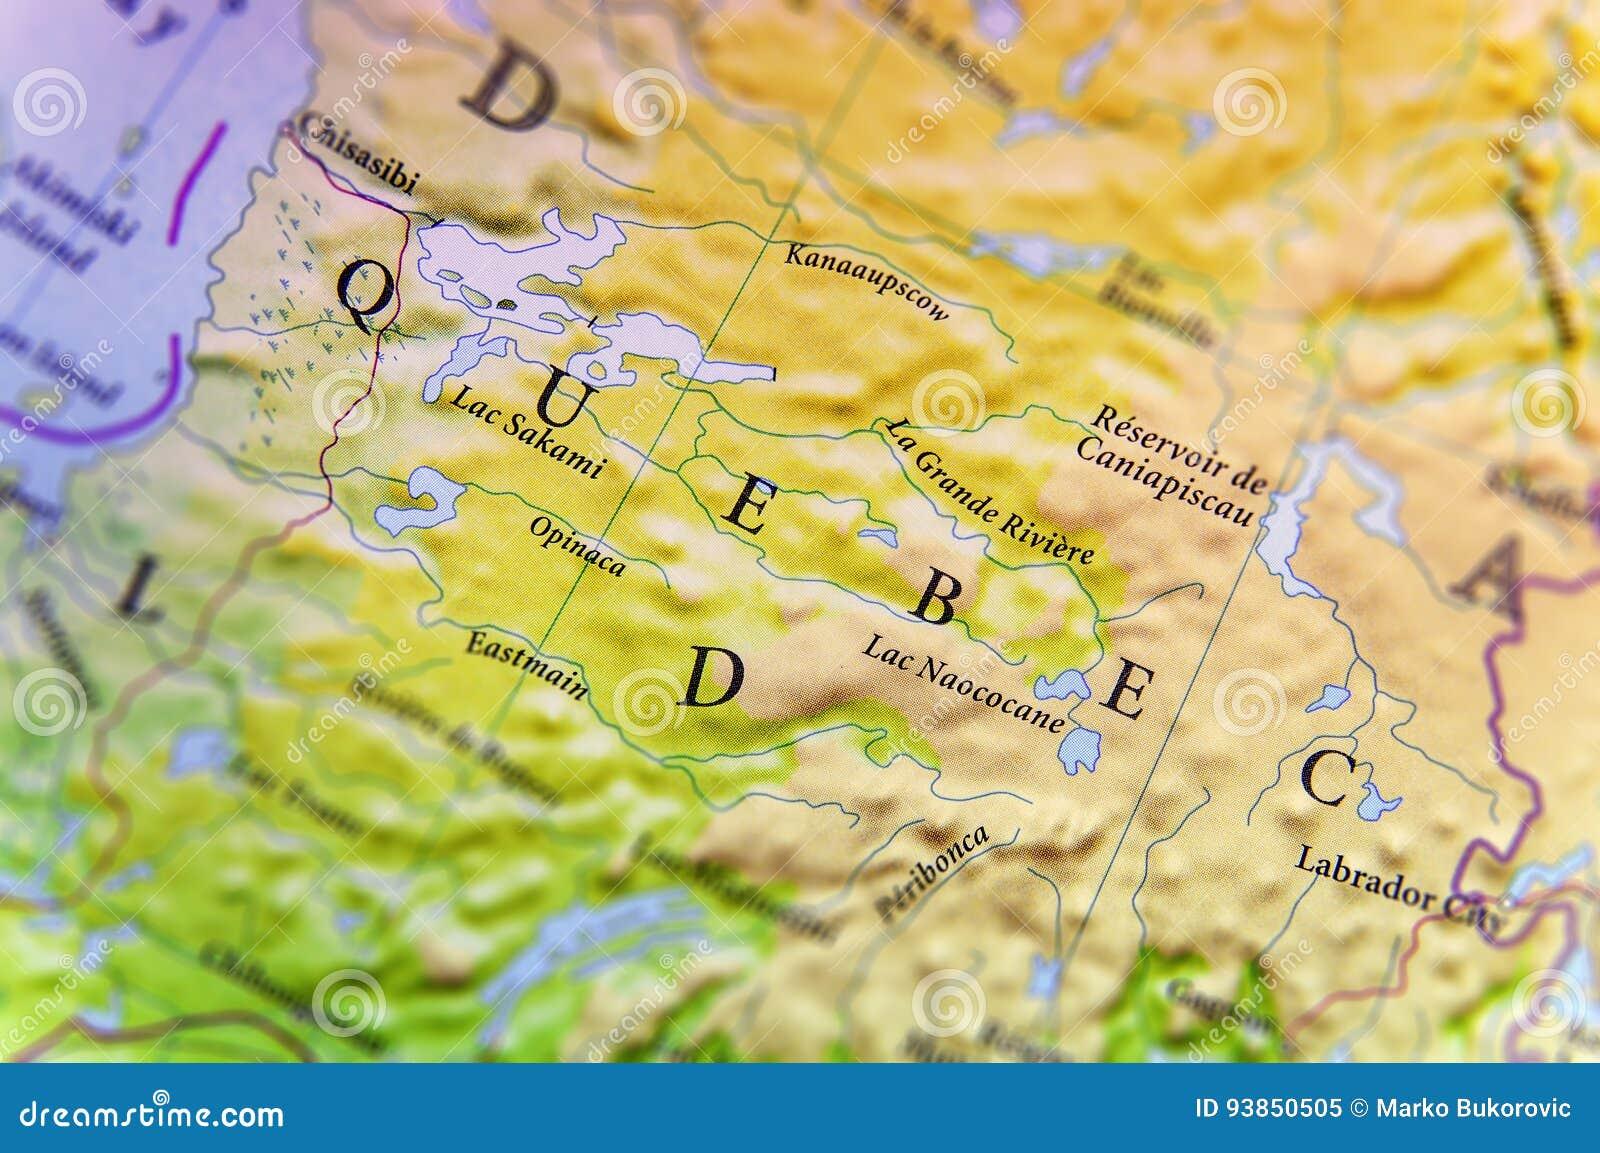 Mappa Geografica Dello Stato Quebec Del Canada Con Le Città